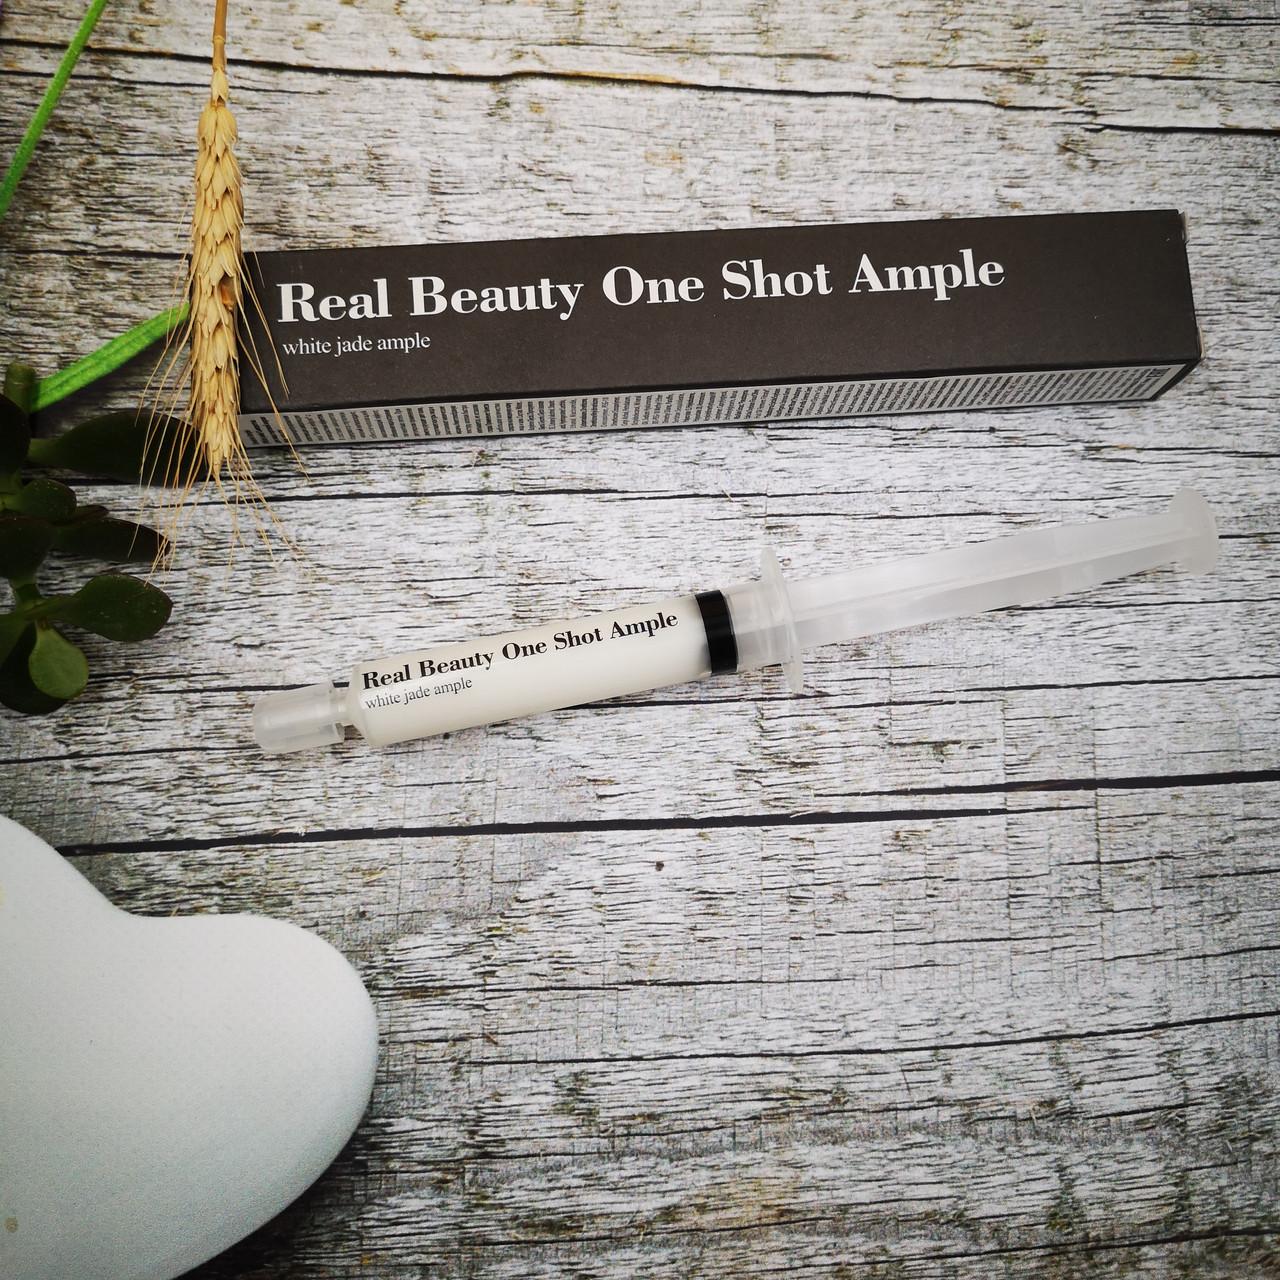 Антивозрастная сыворотка для лица Улучшает цвет кожи лица Oneshot Ample (White jade)